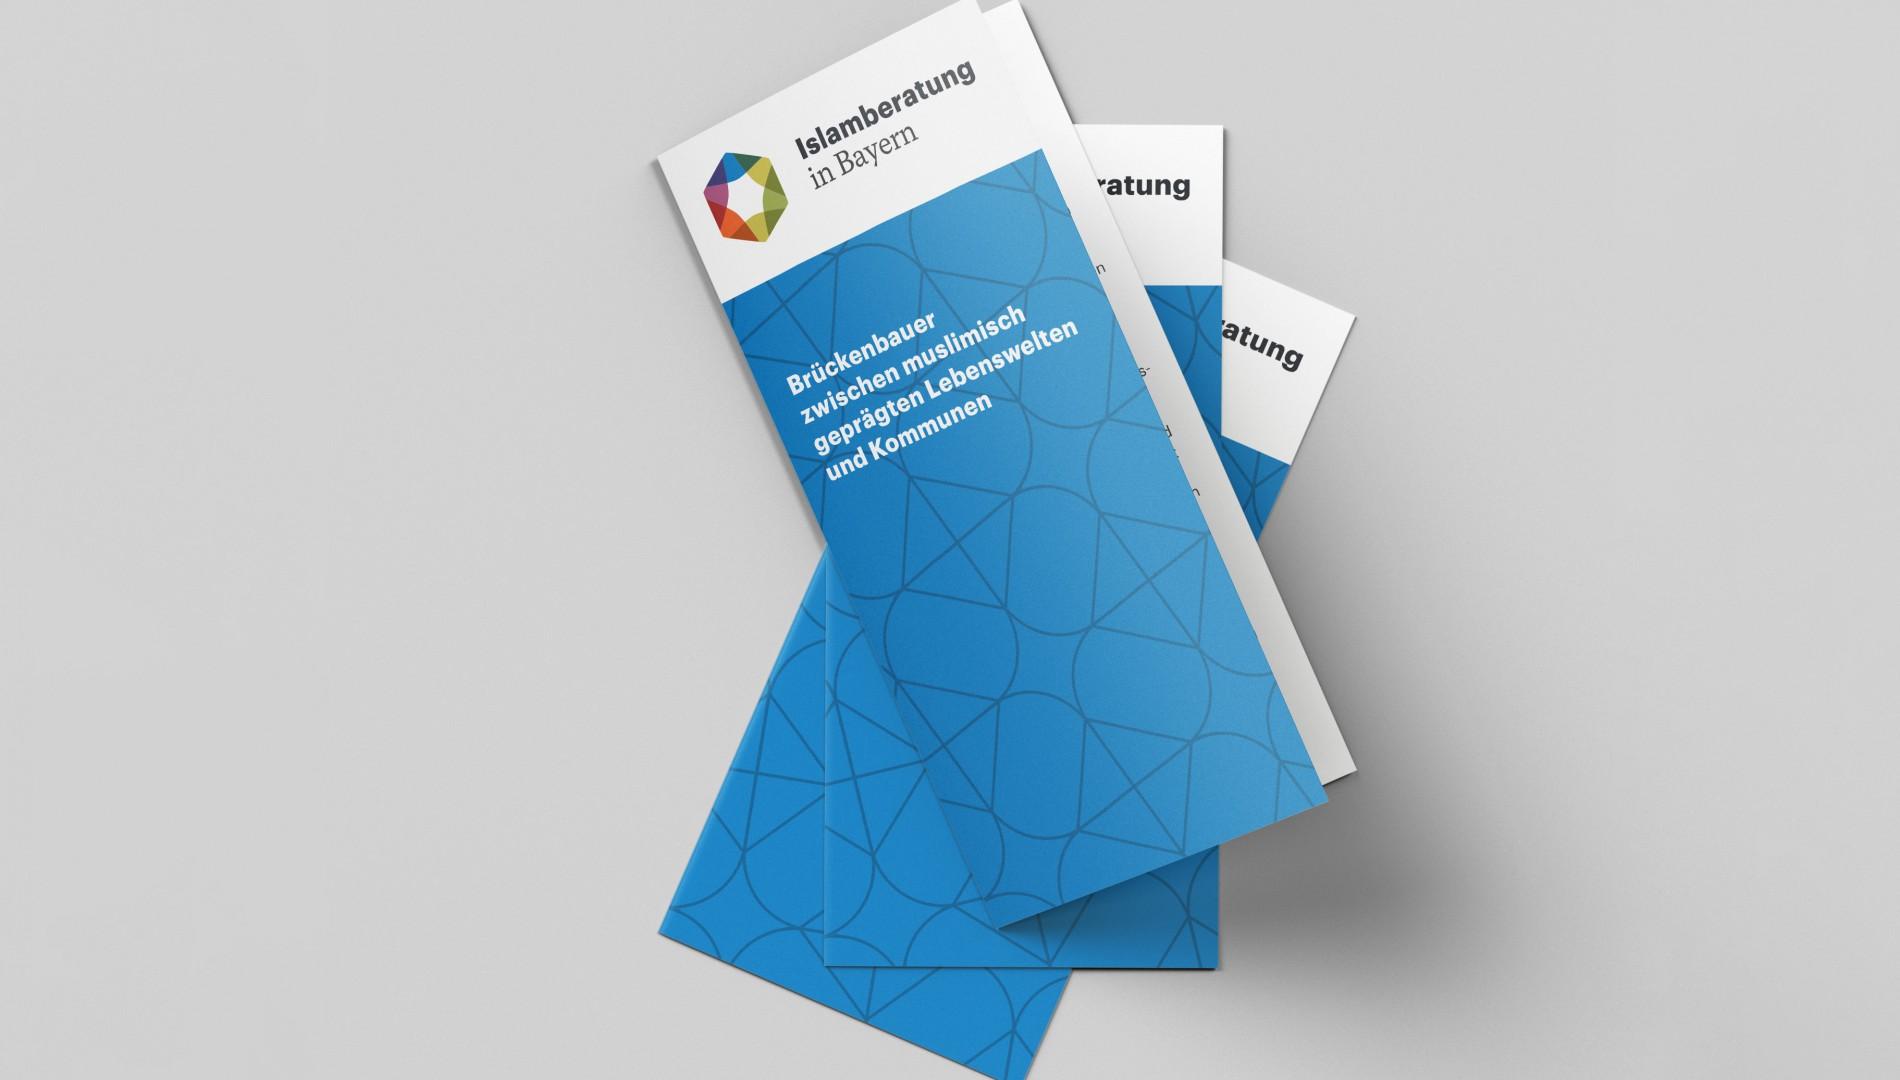 Coporate Design mit Unternehmensfolder für die Islamberatung in Bayern von der Designagentur das formt aus München